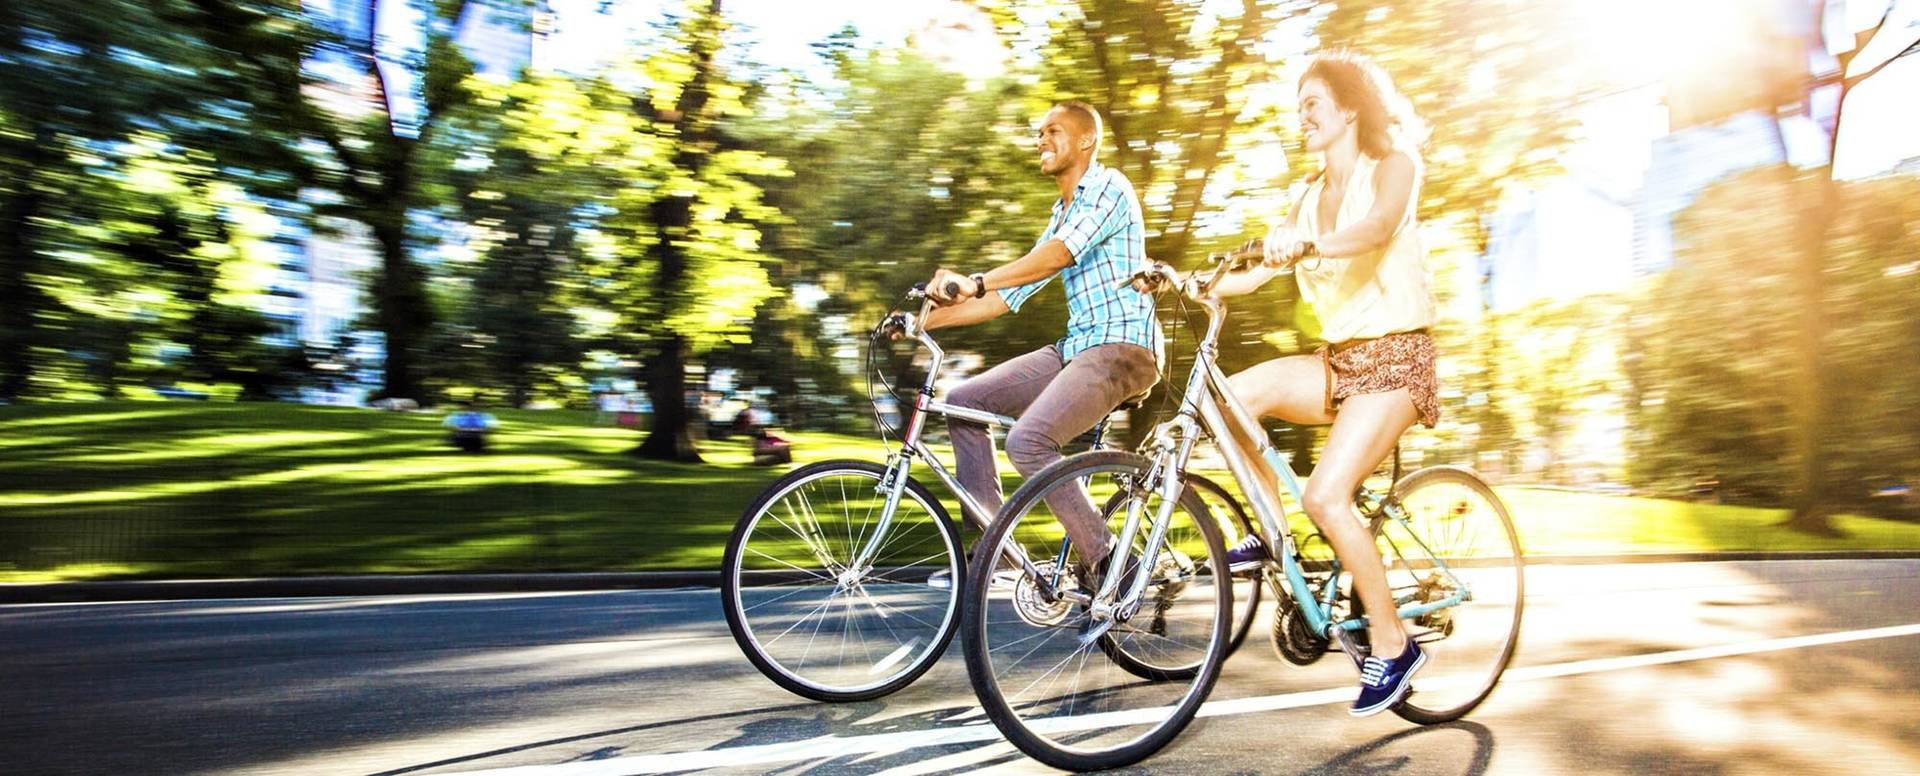 Geen gesleep met fietsen op vakantie